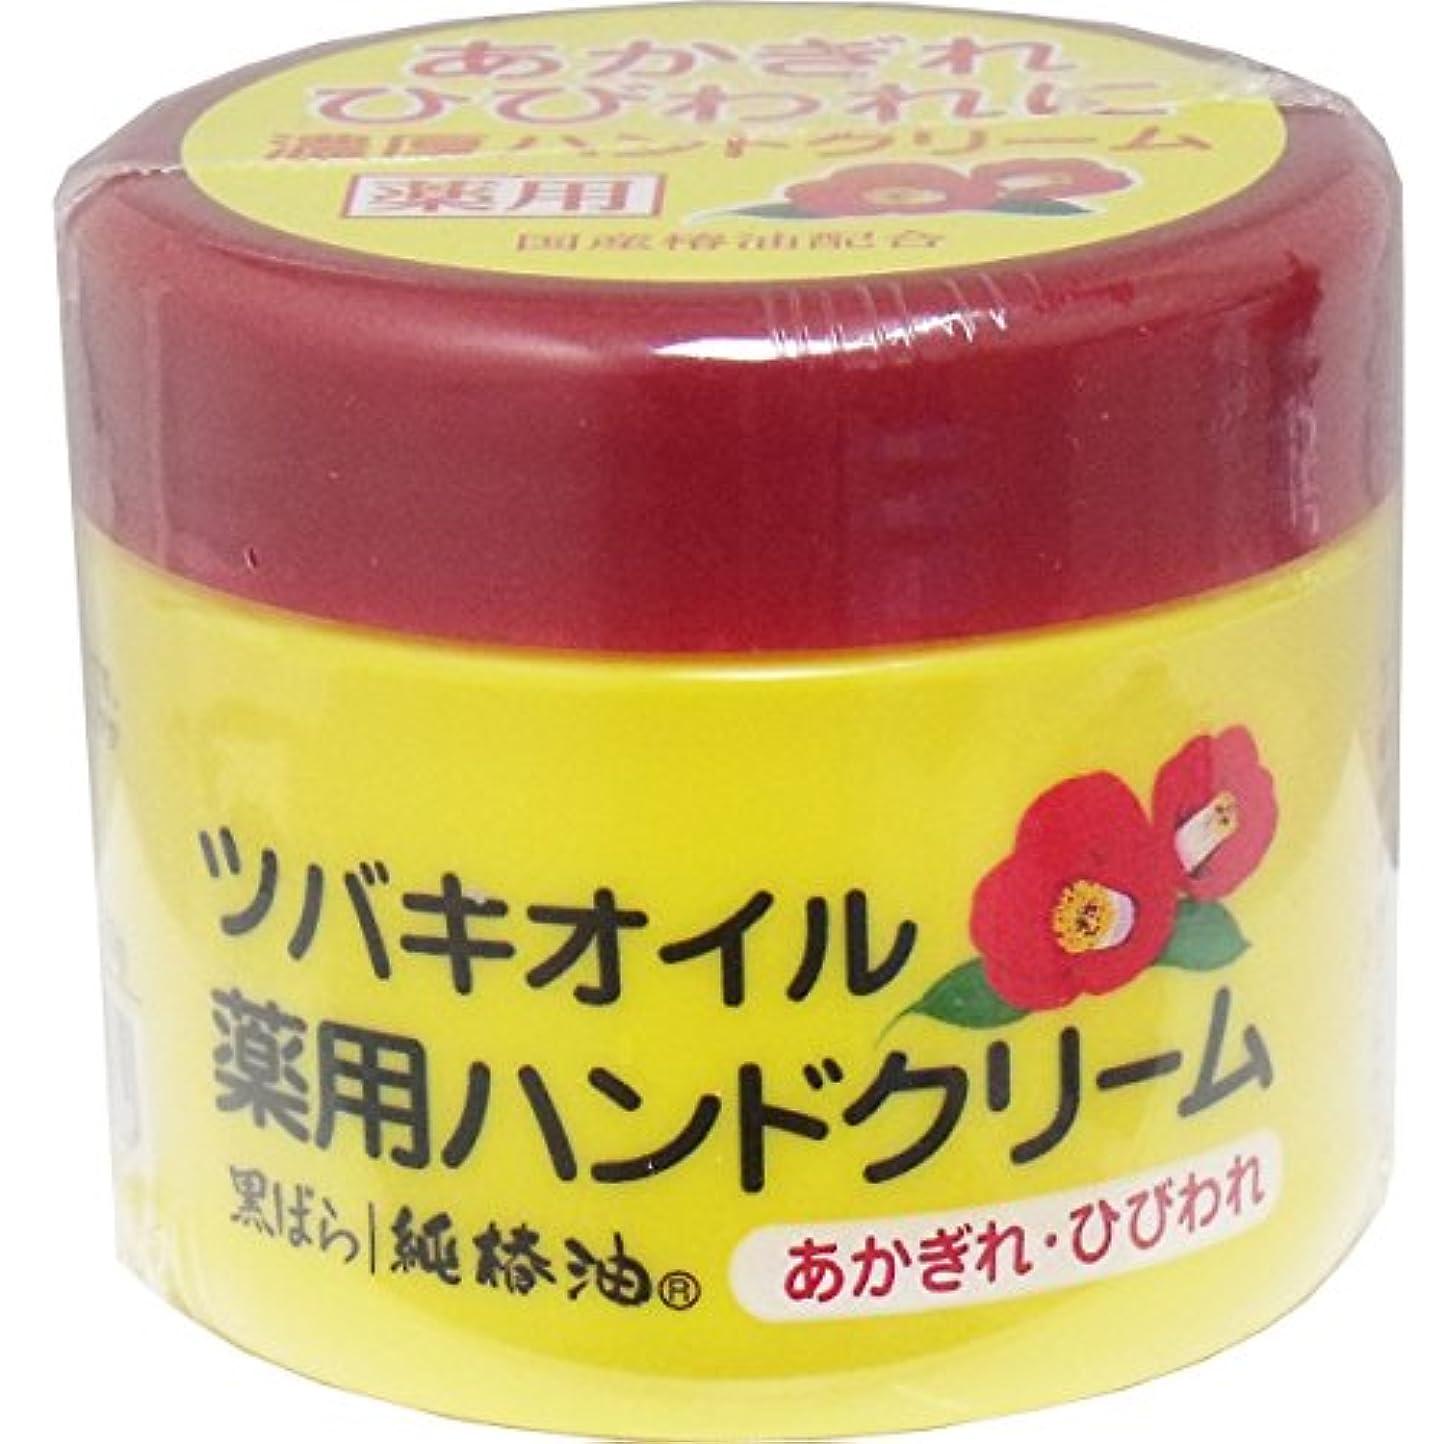 眠いです年齢本会議【まとめ買い】ツバキオイル 薬用ハンドクリーム ×2セット